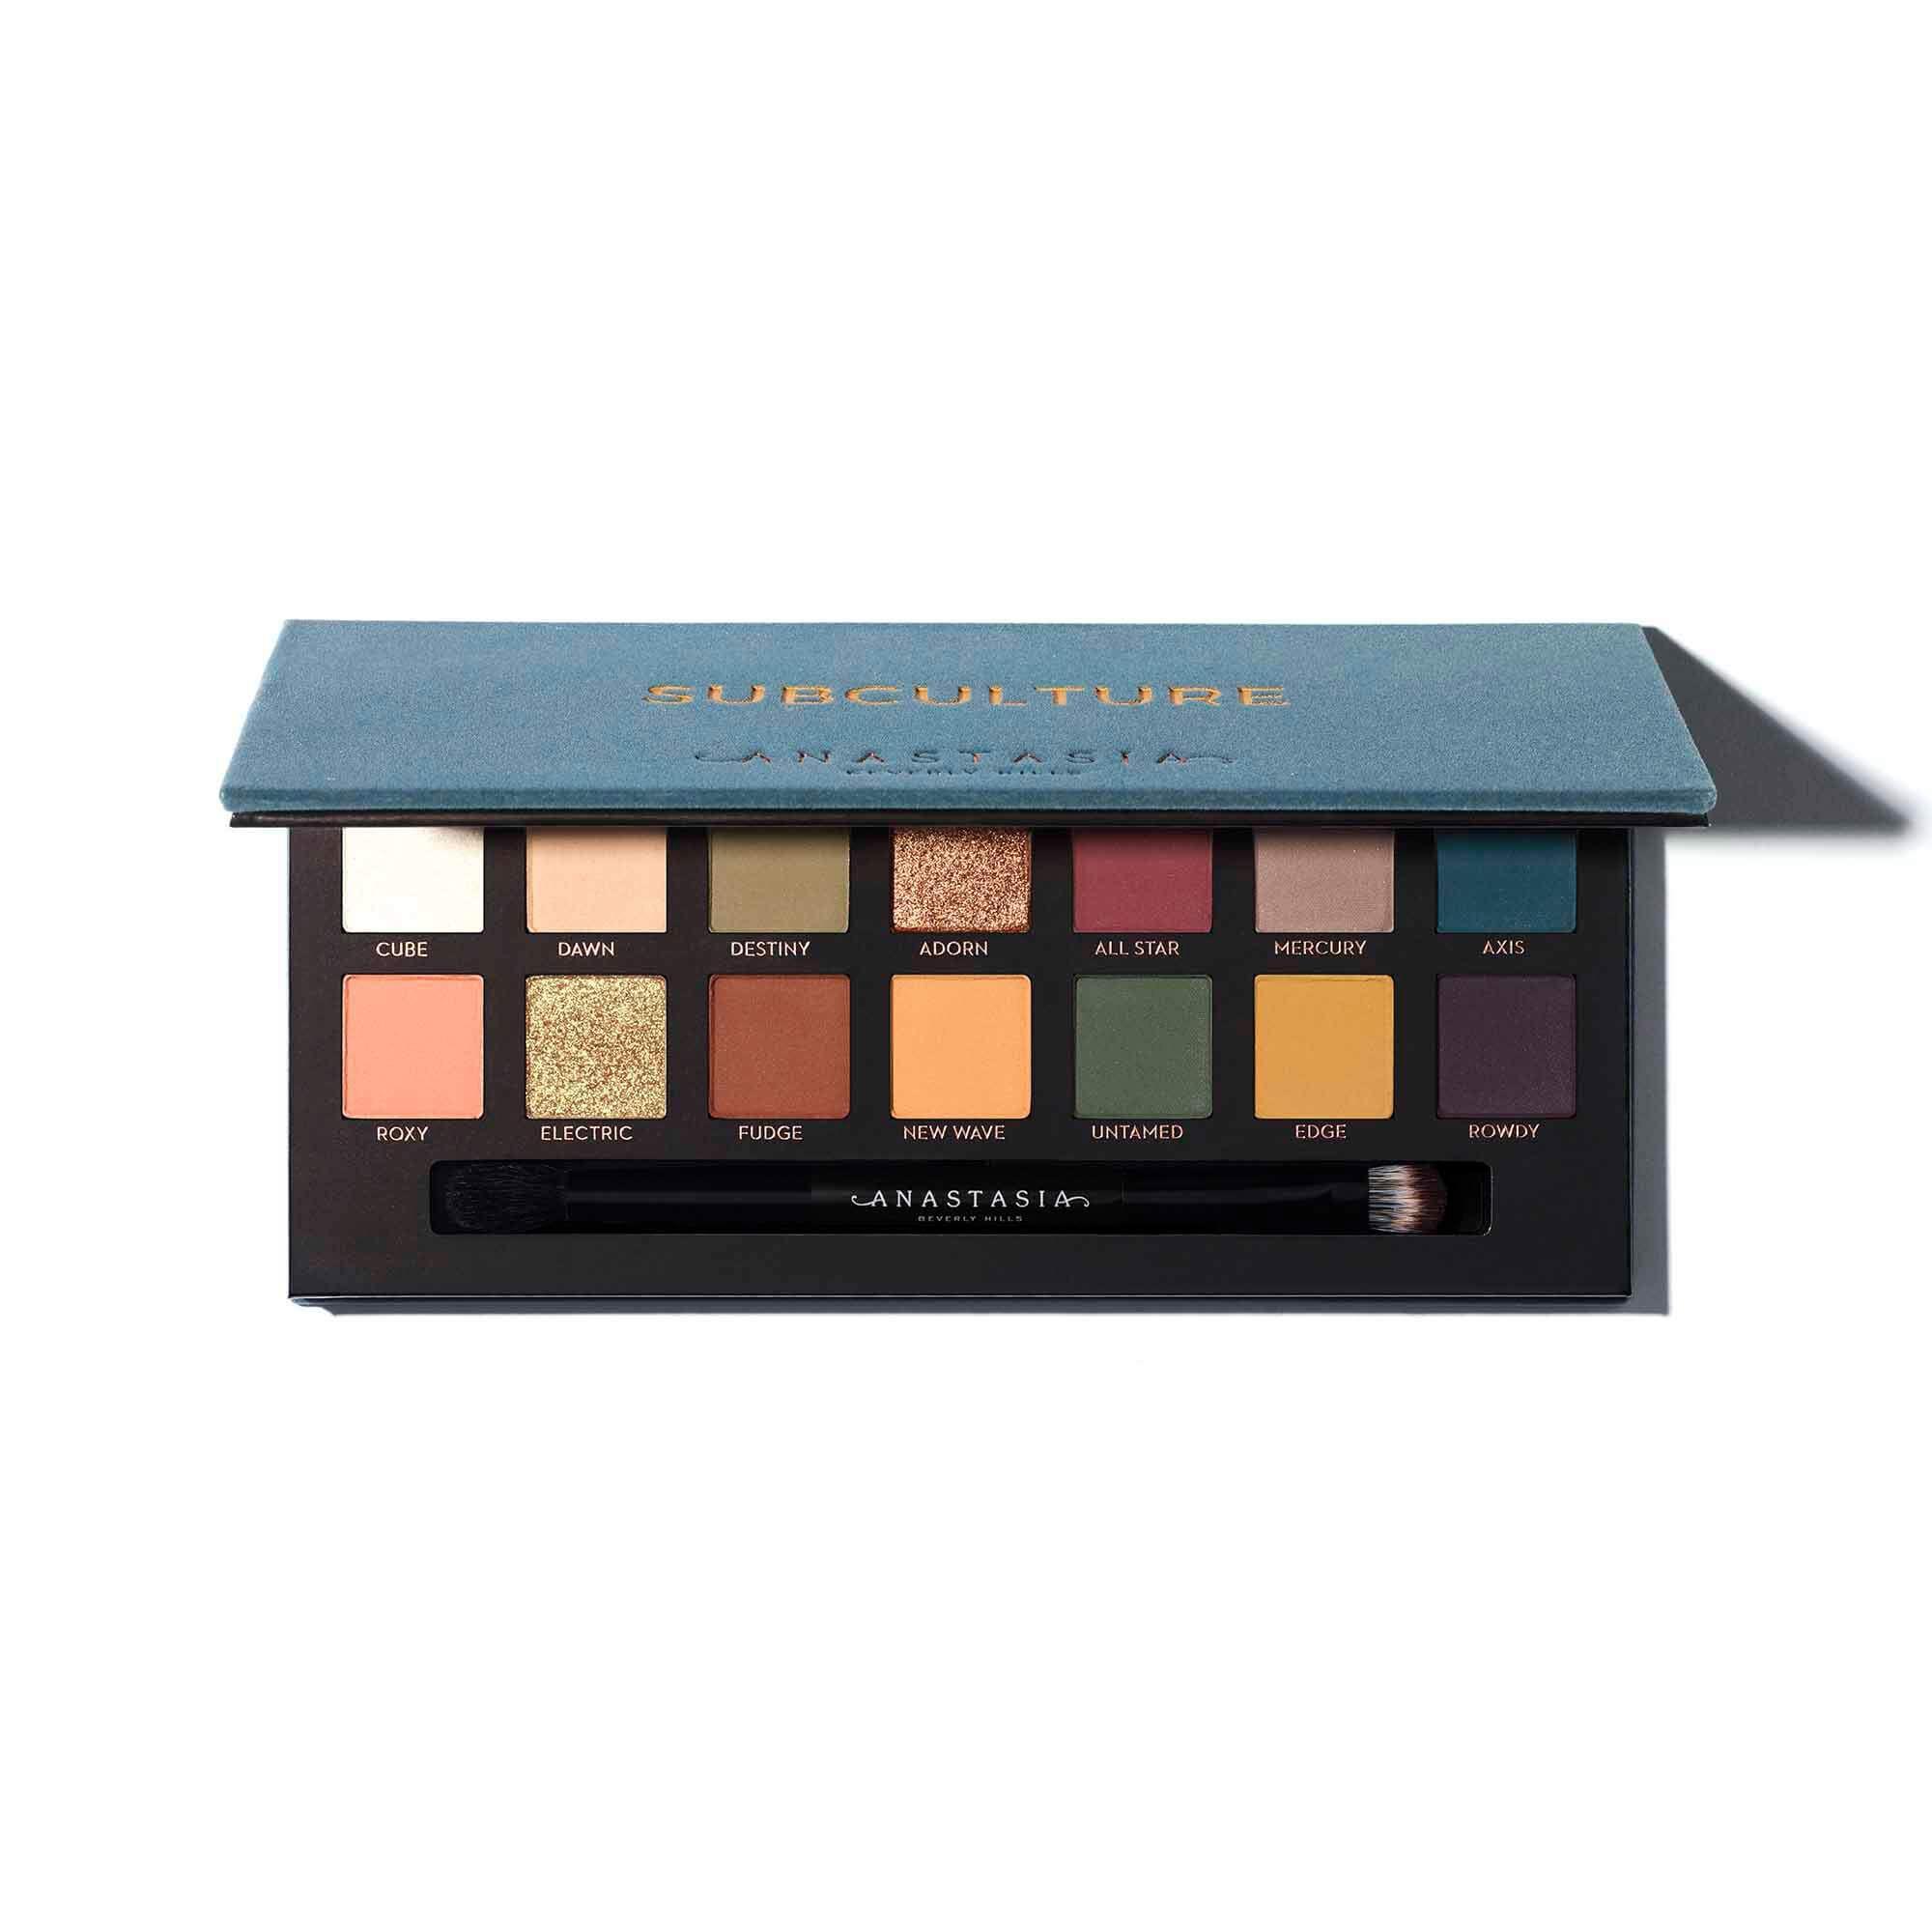 Anastasia soft glam eyeshadow palette sephora